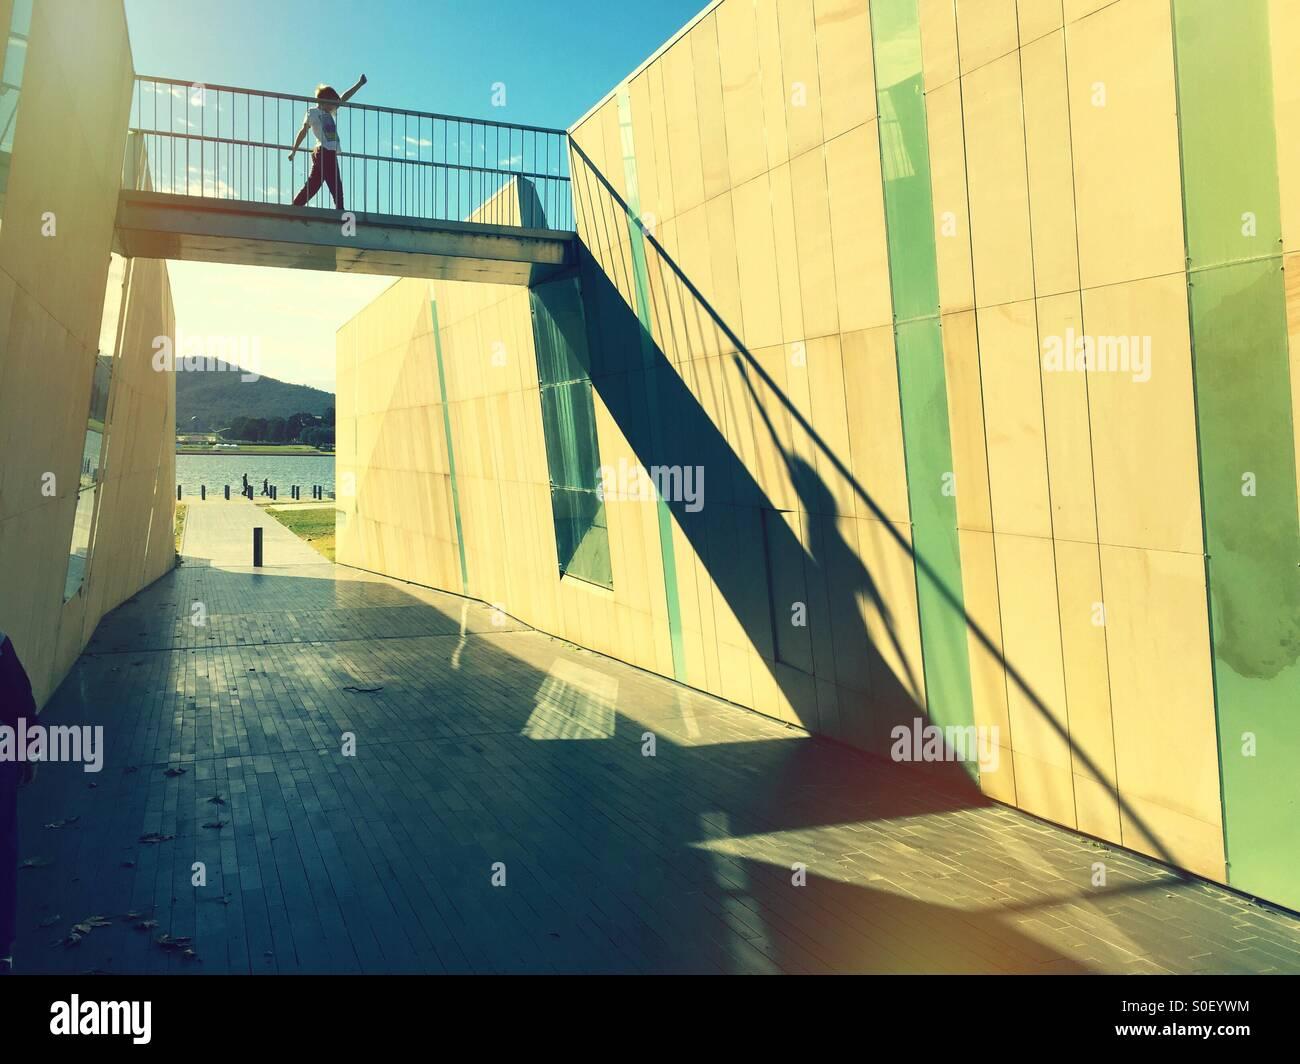 Um rapaz caminhando através de uma ponte através de uma passagem subterrânea Imagens de Stock